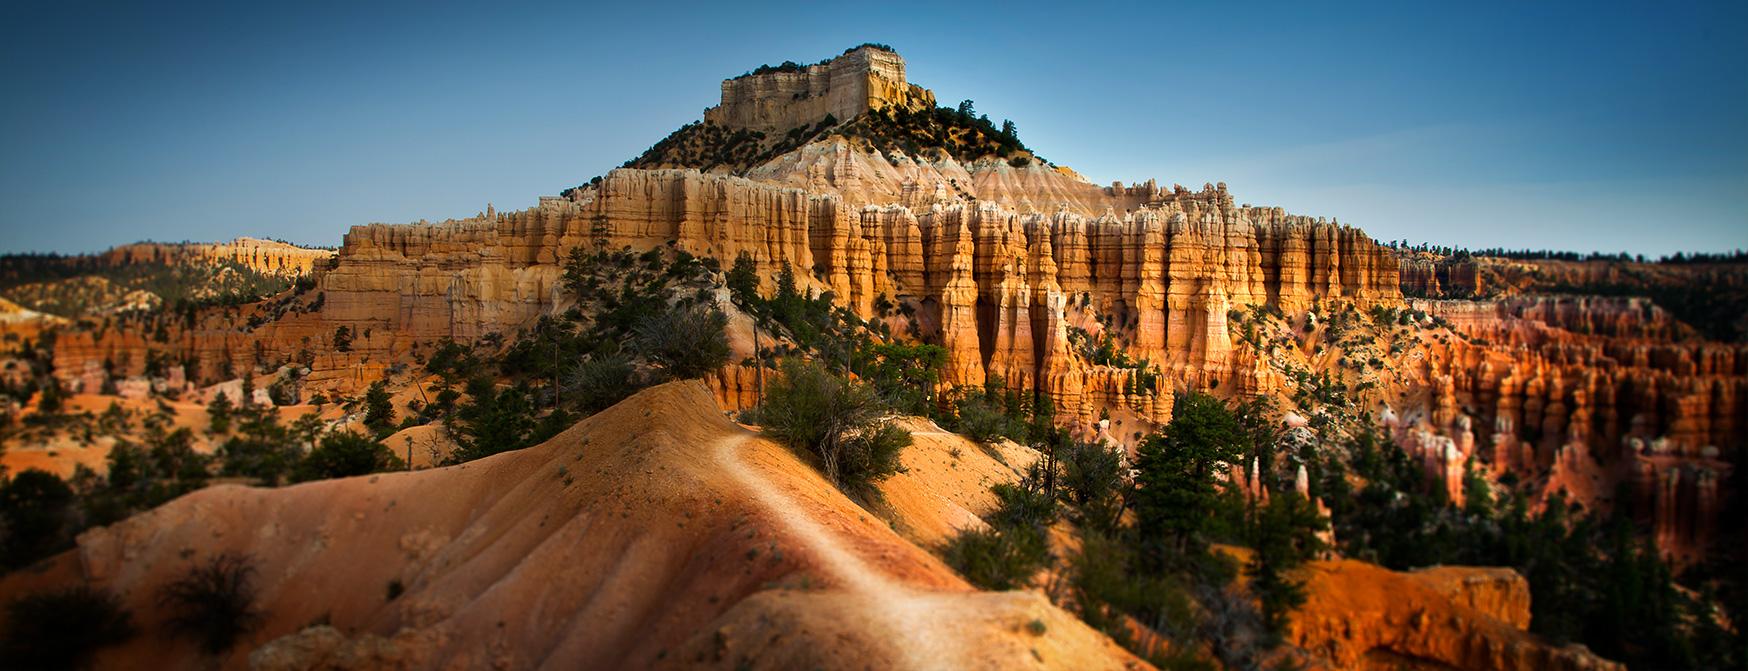 La passe annuelle pour les parcs nationaux aux États-Unis